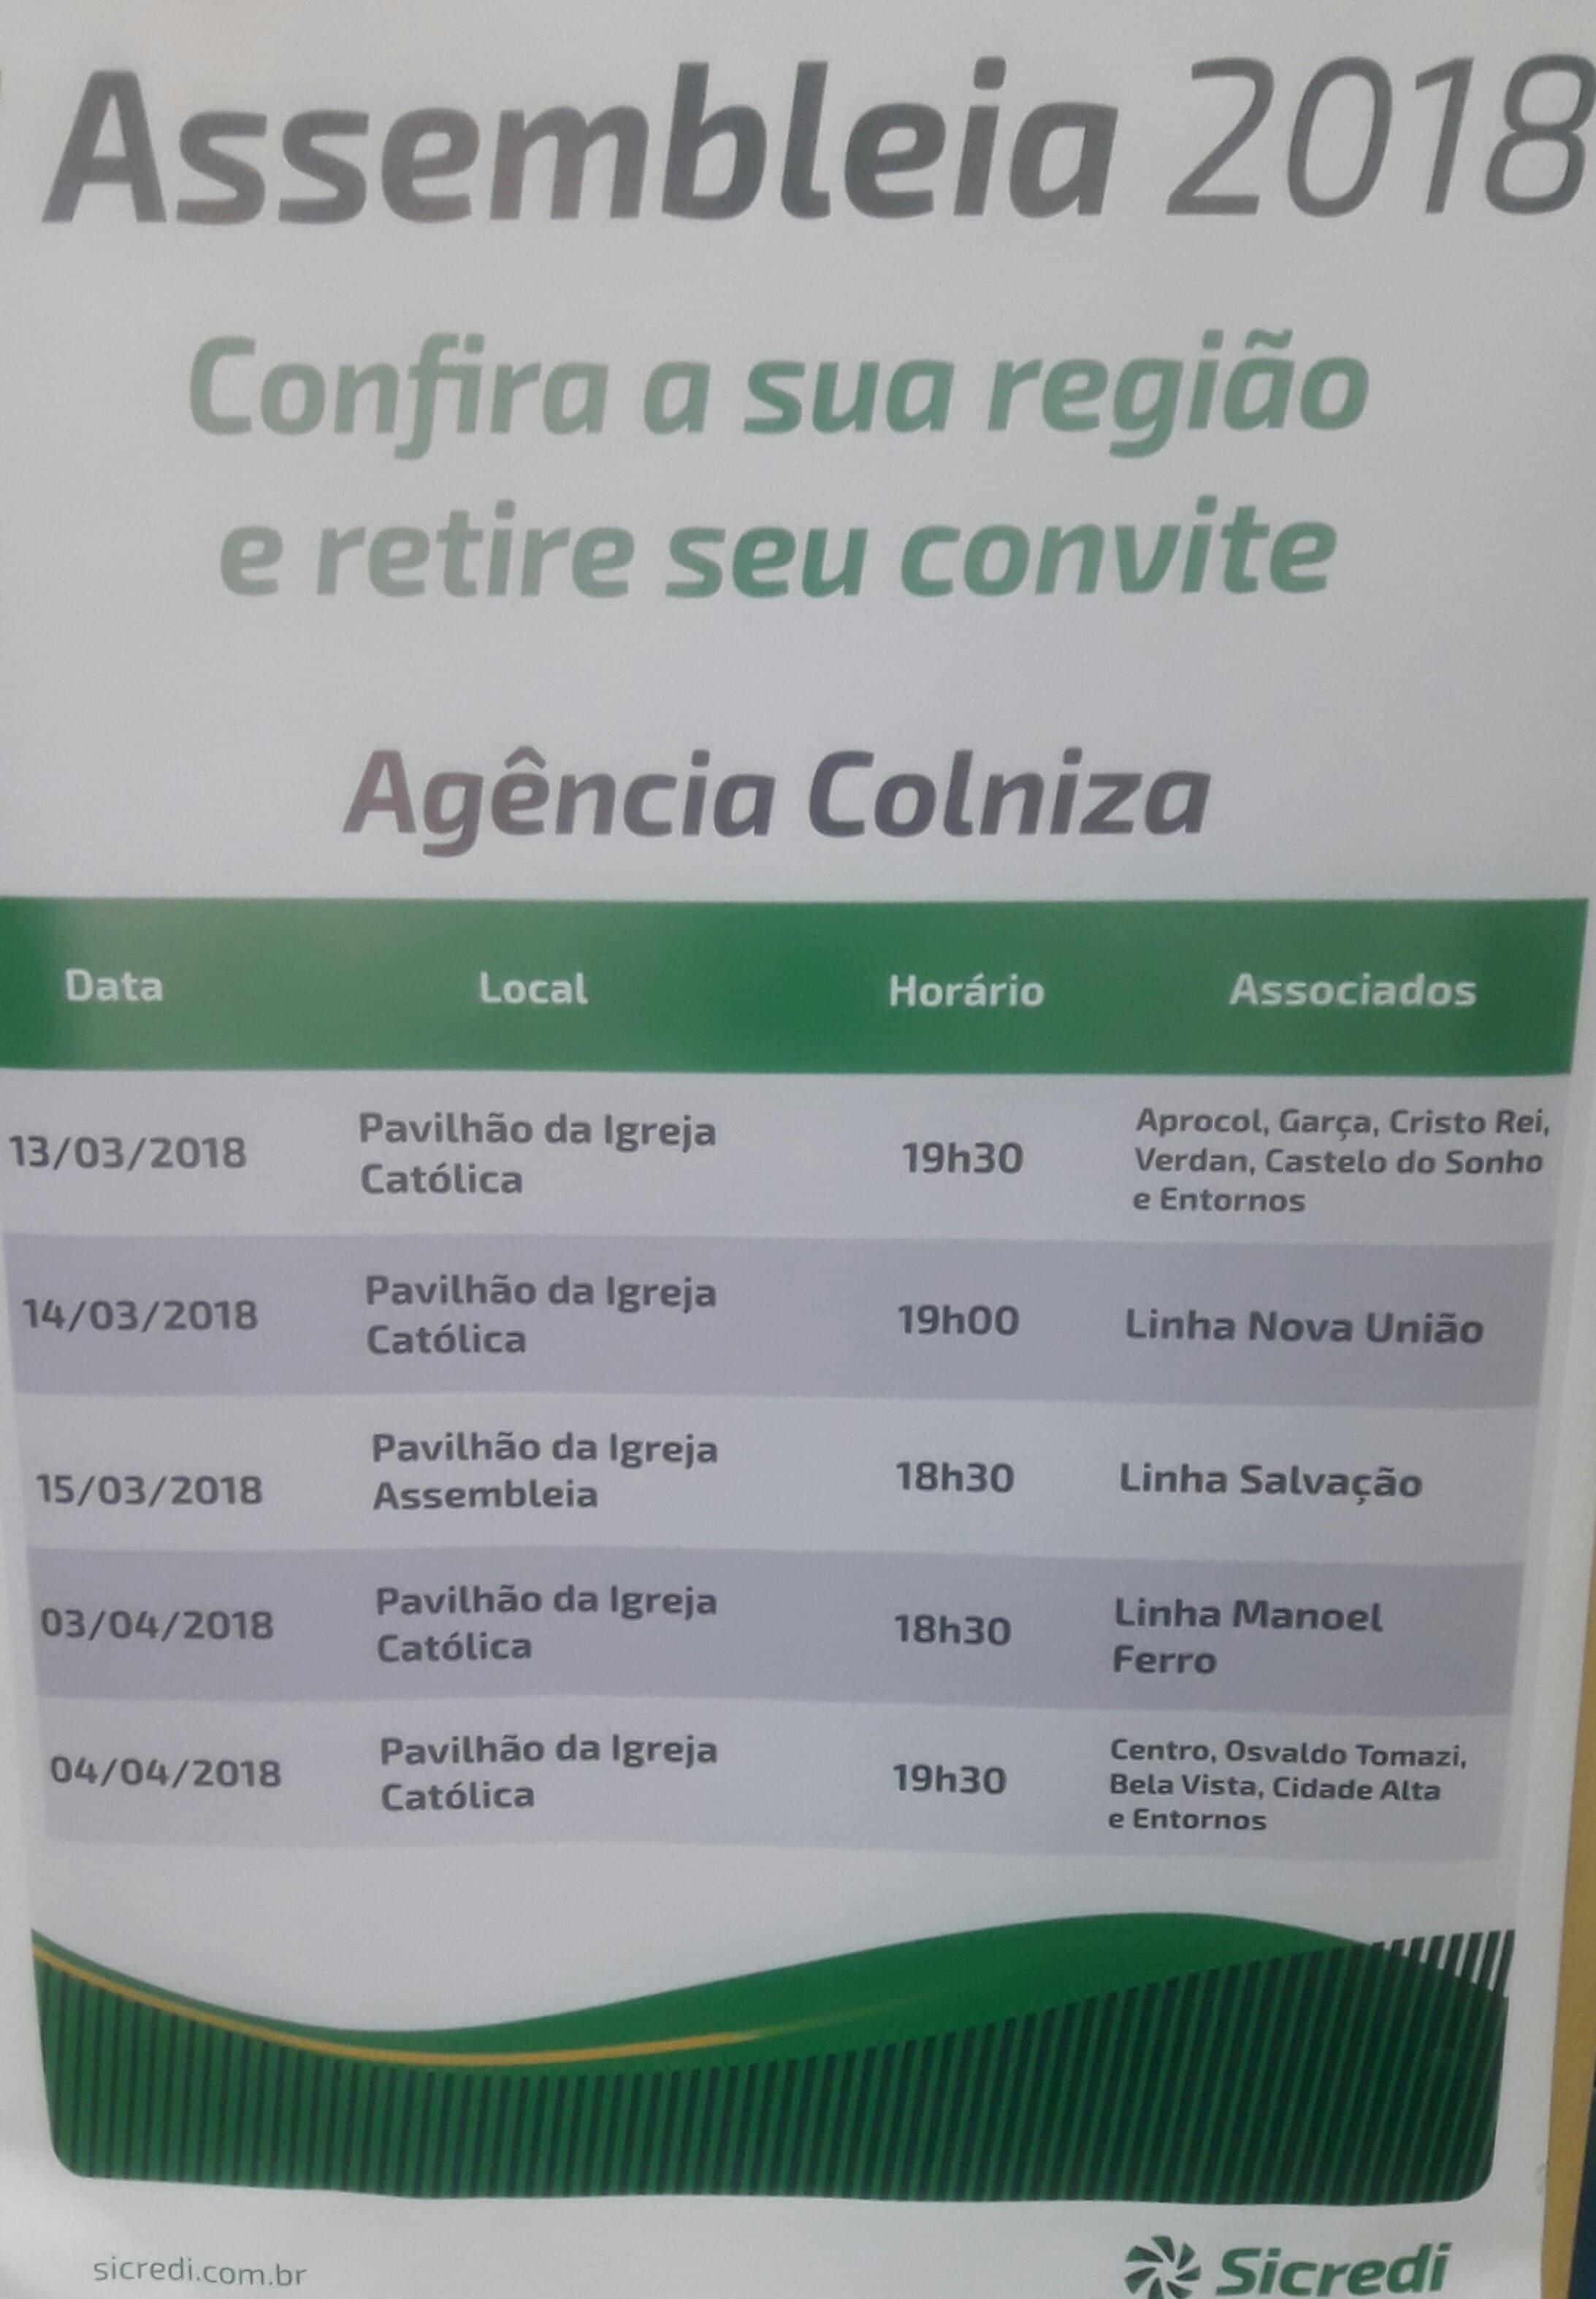 Sicredi realiza Assembleia 2018 para associados em Colniza